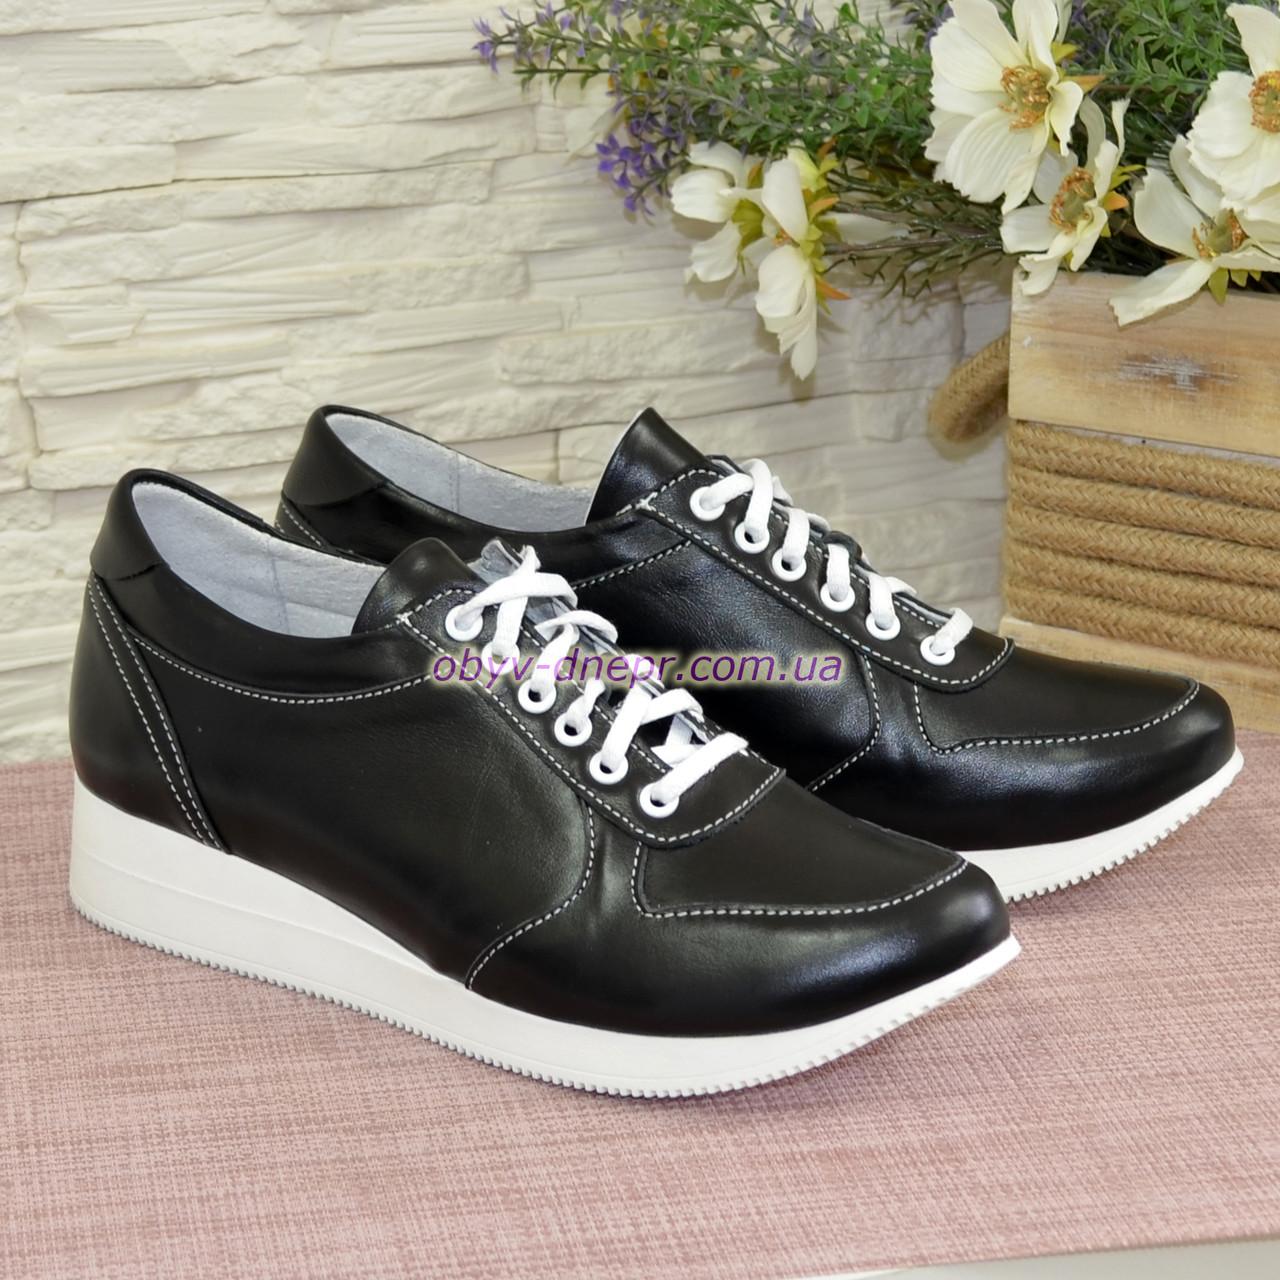 Стильные женские кожаные кроссовки на шнуровке, цвет черный